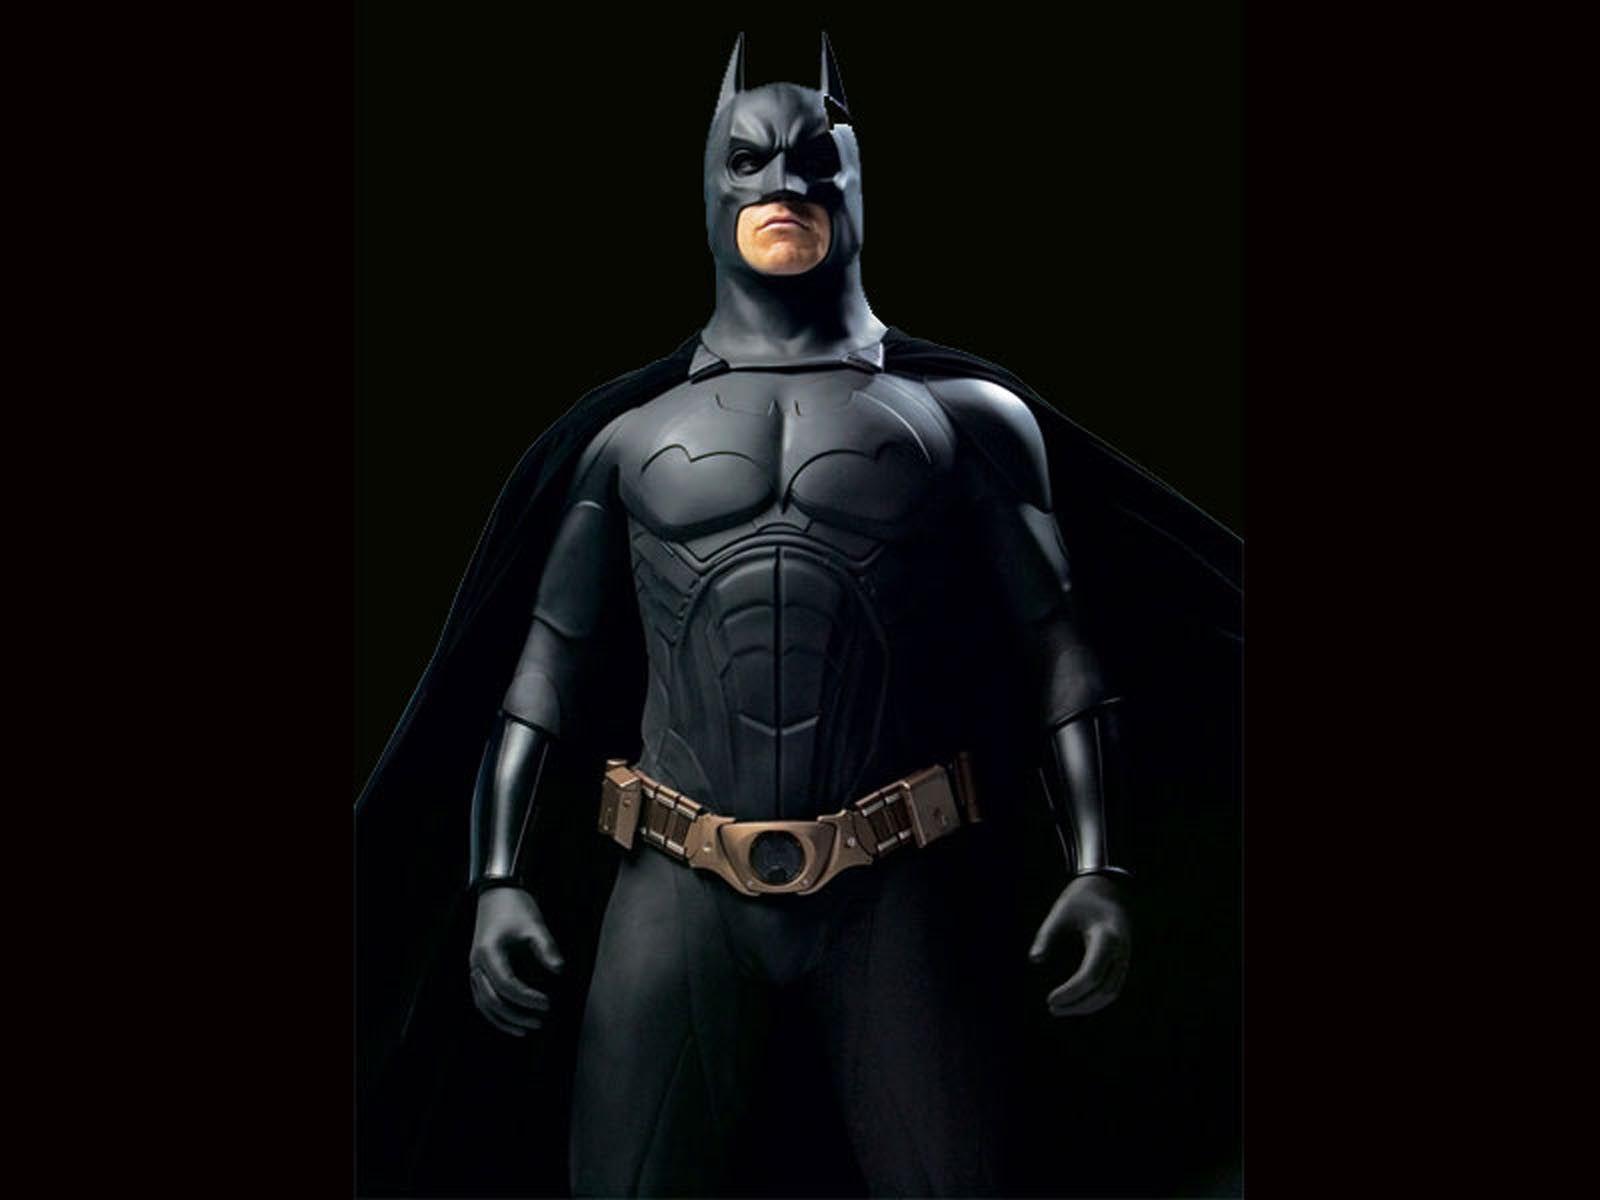 Batman Batman Pictures Batman Batman Wallpaper